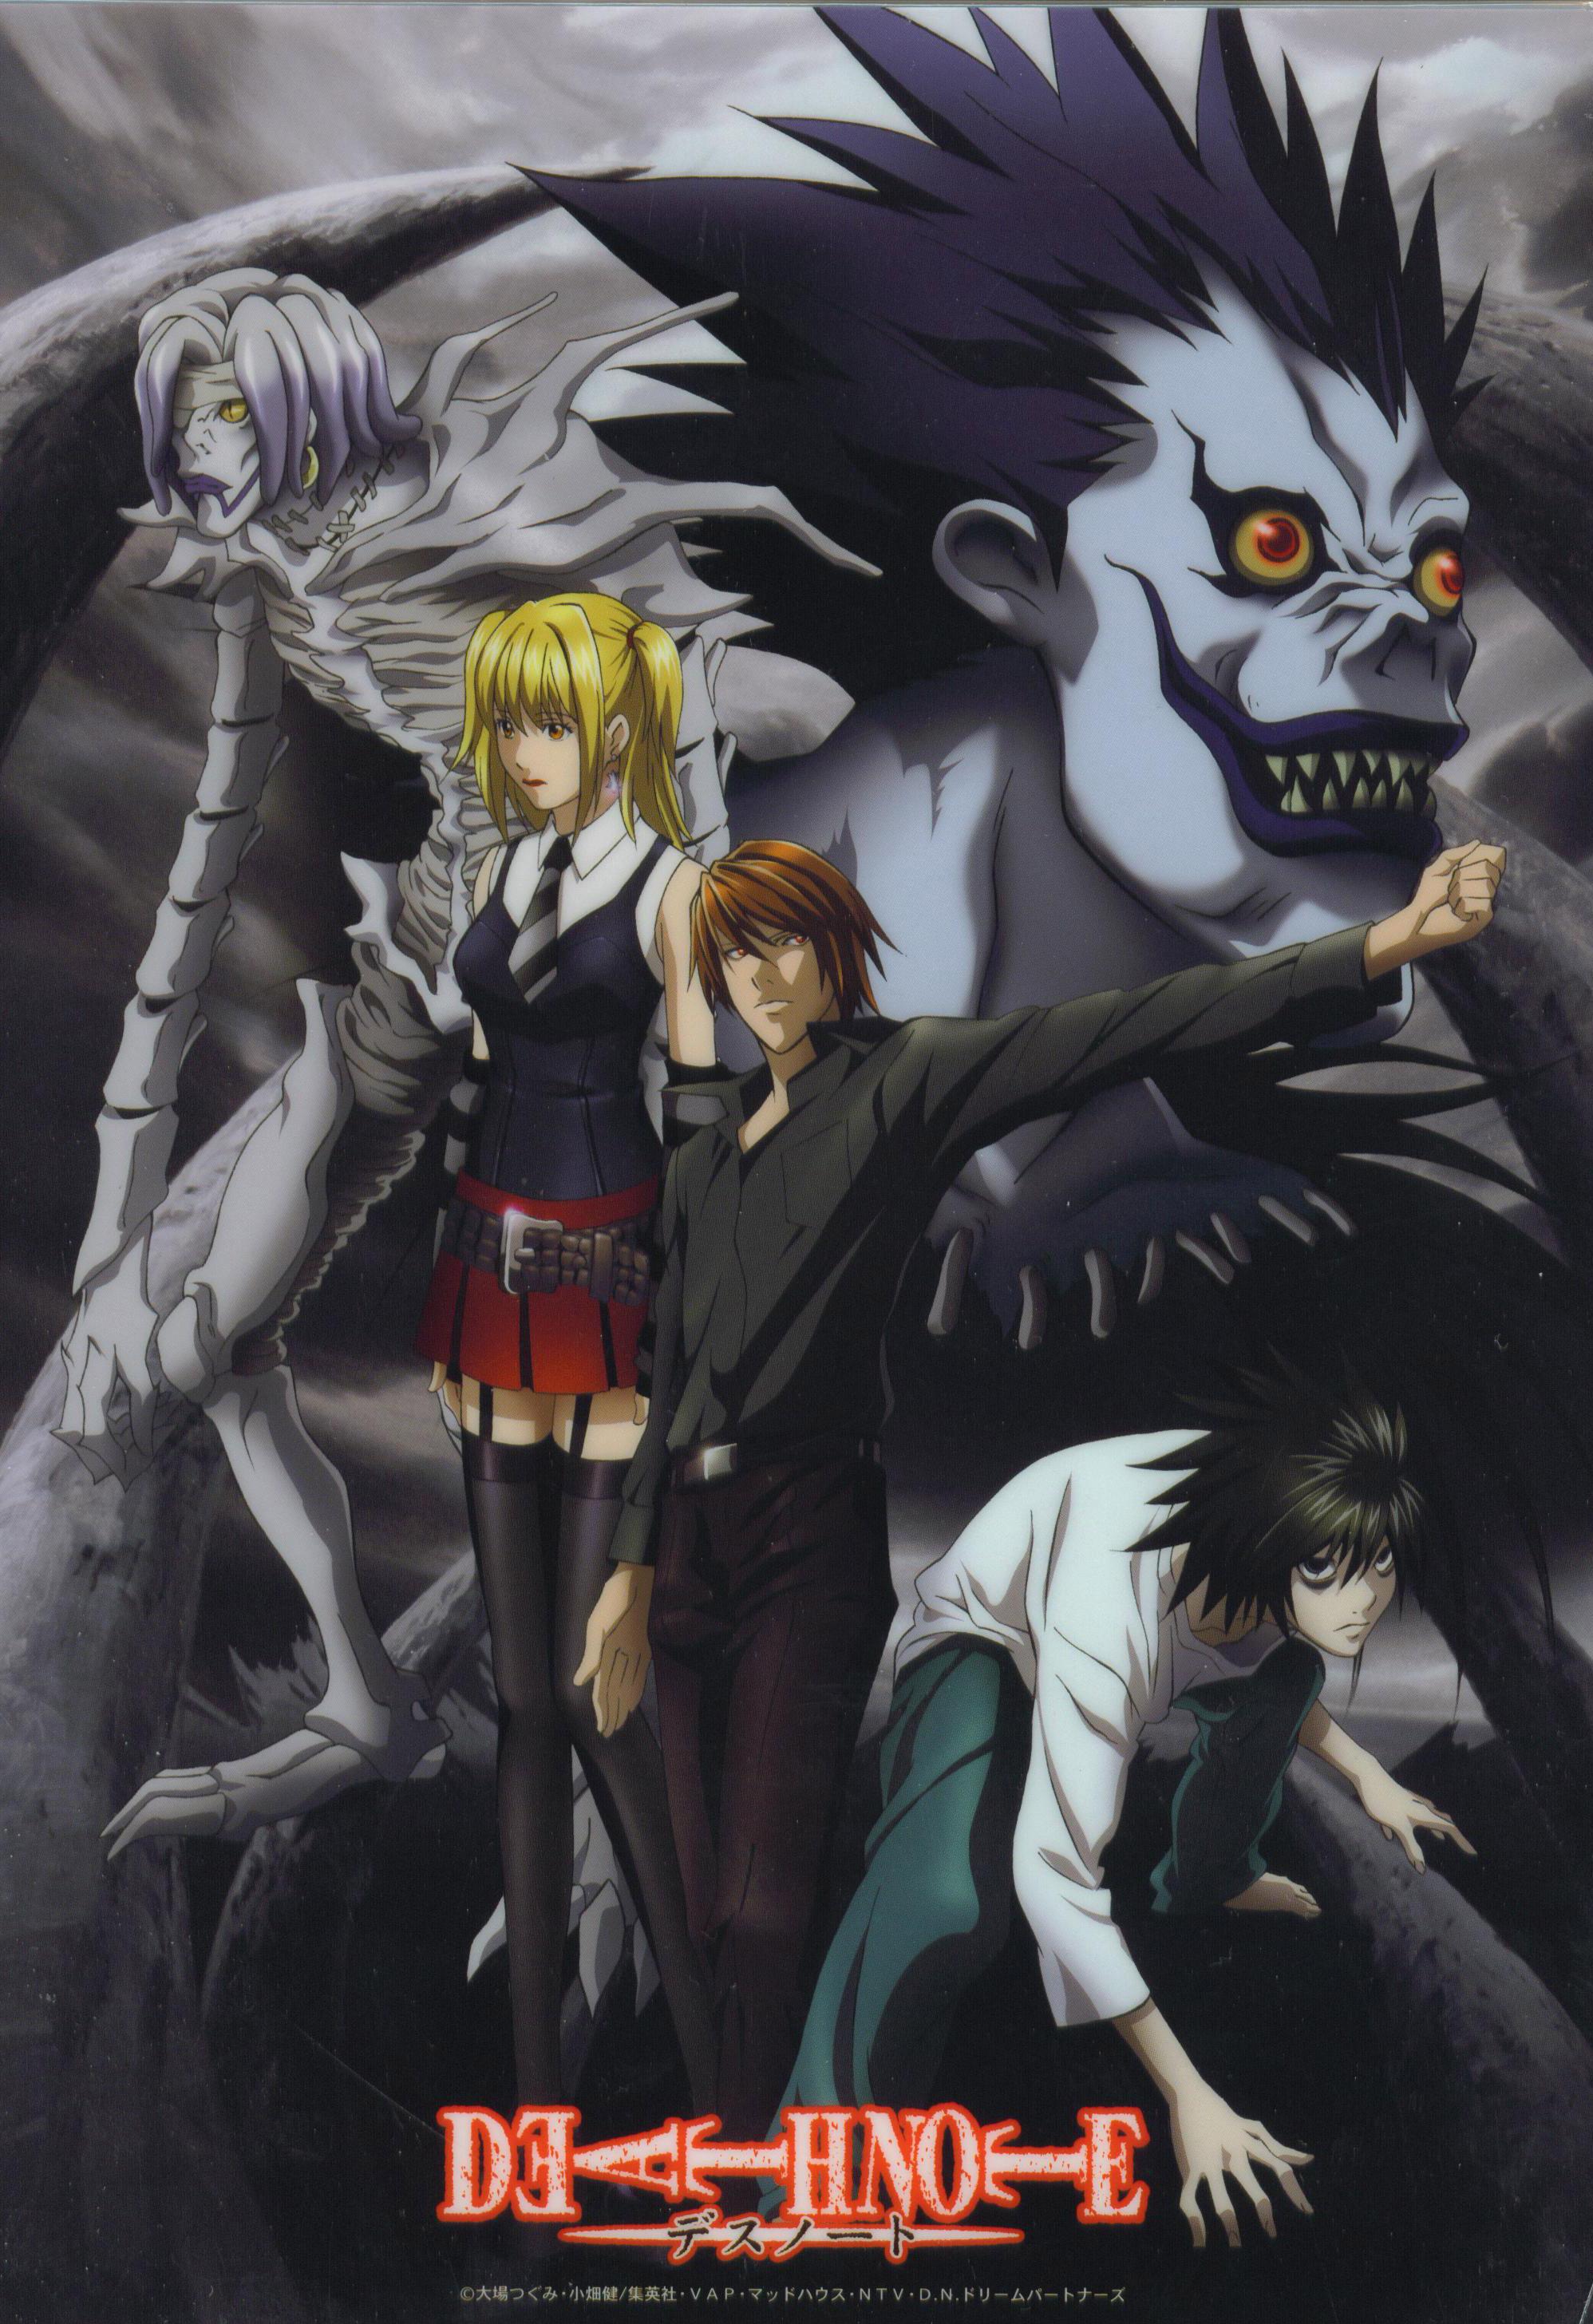 Los animes del trol Death-note-xd